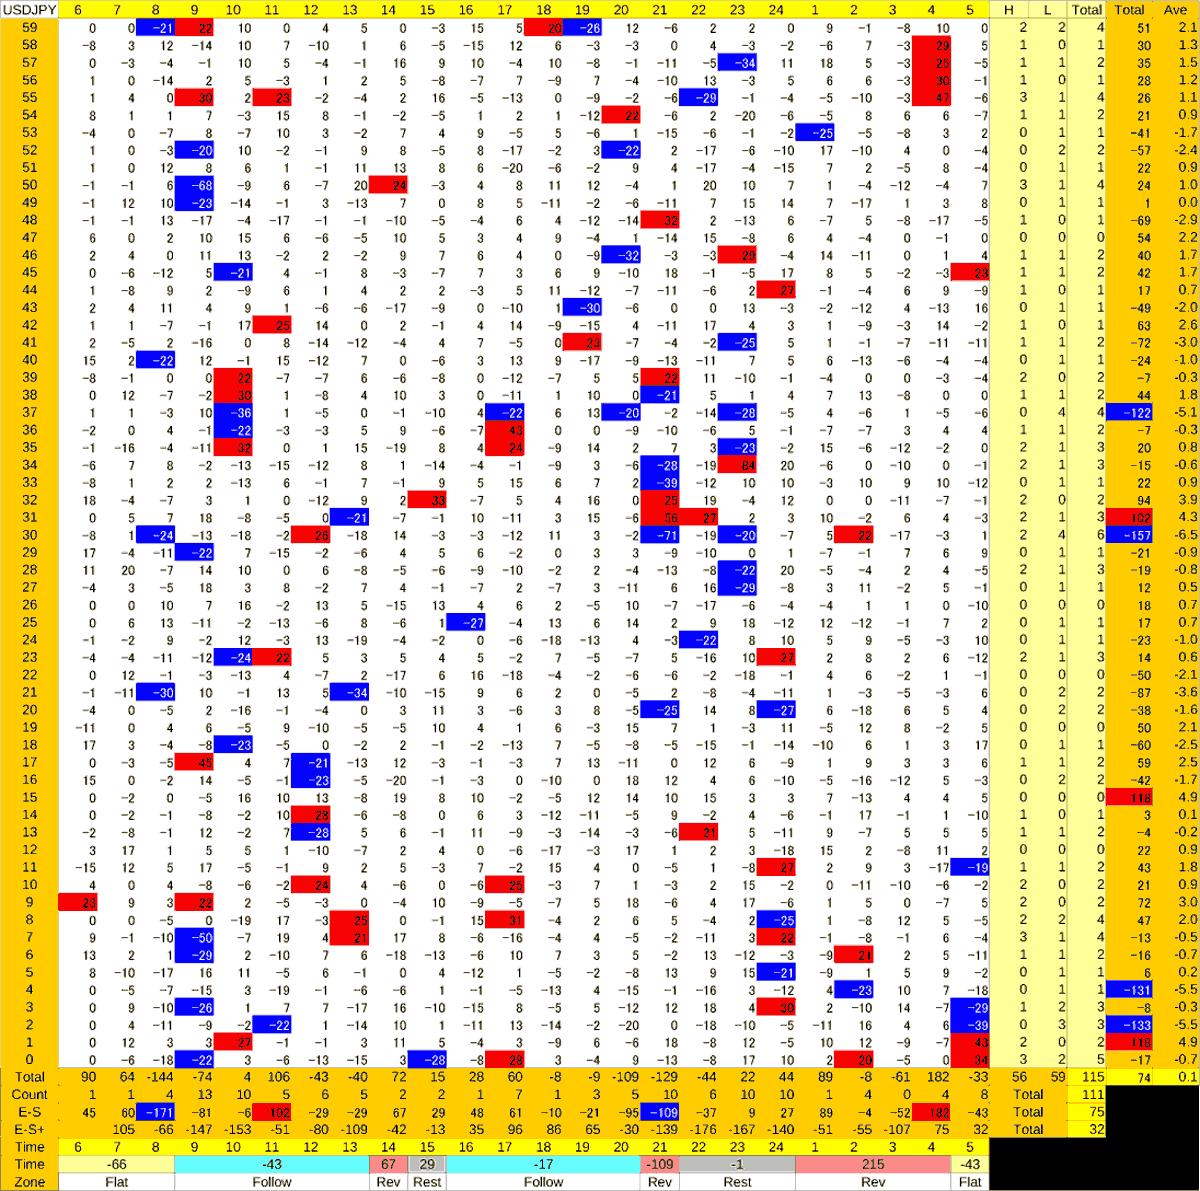 20200618_HS(1)USDJPY